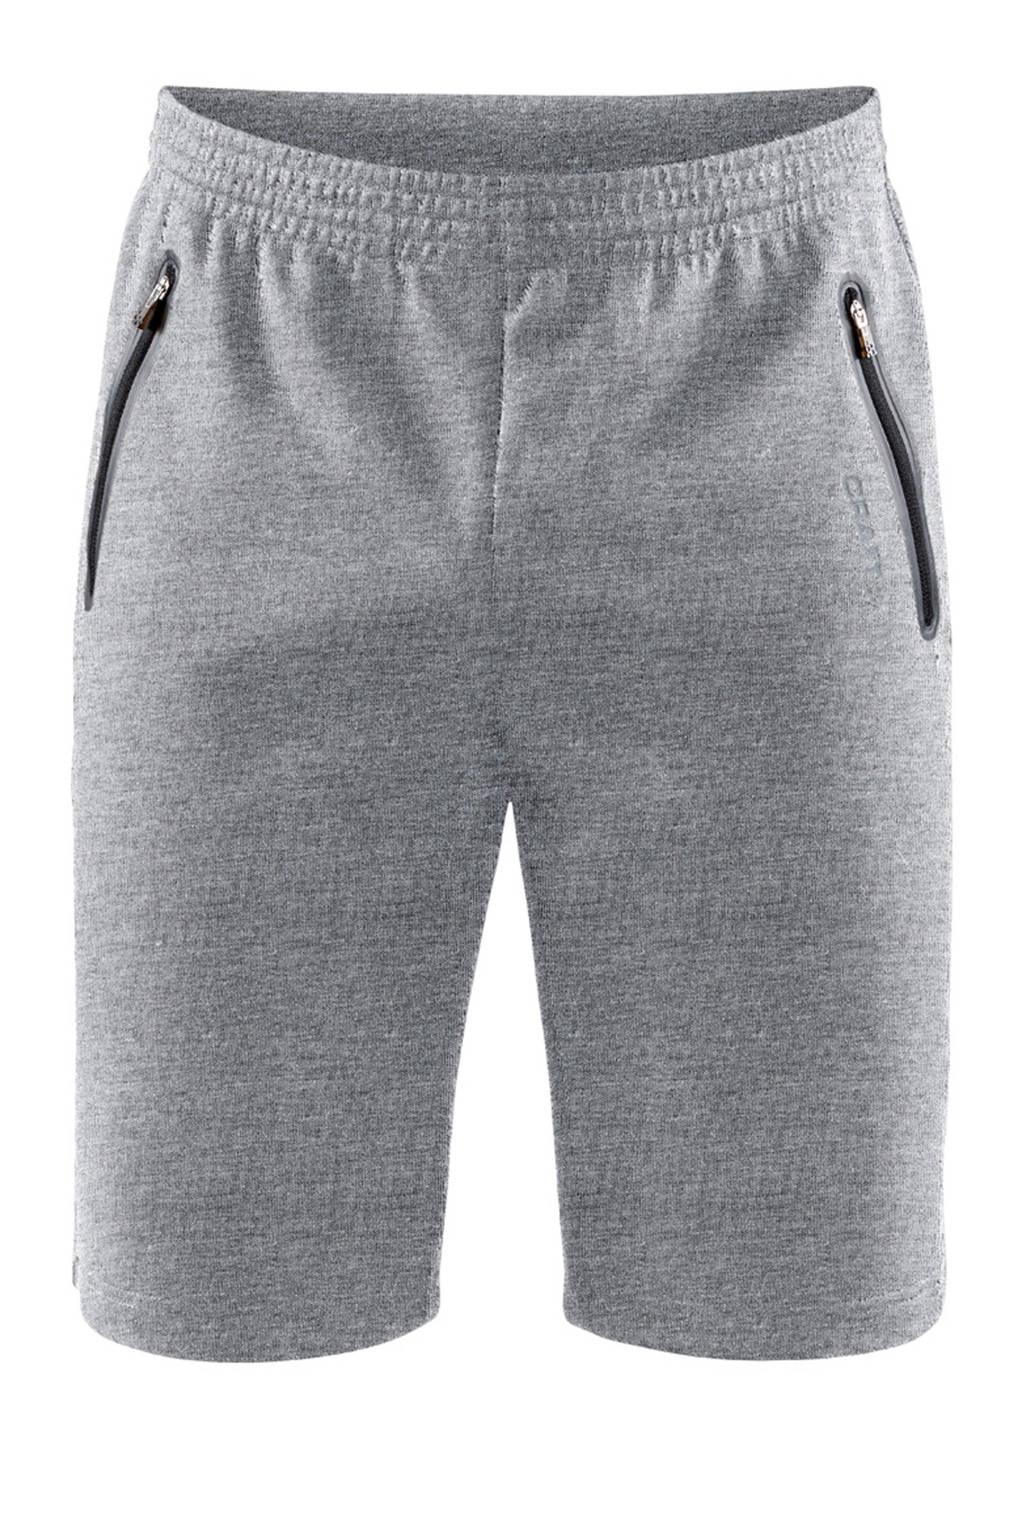 Craft   sportshort grijs, Grijs melange